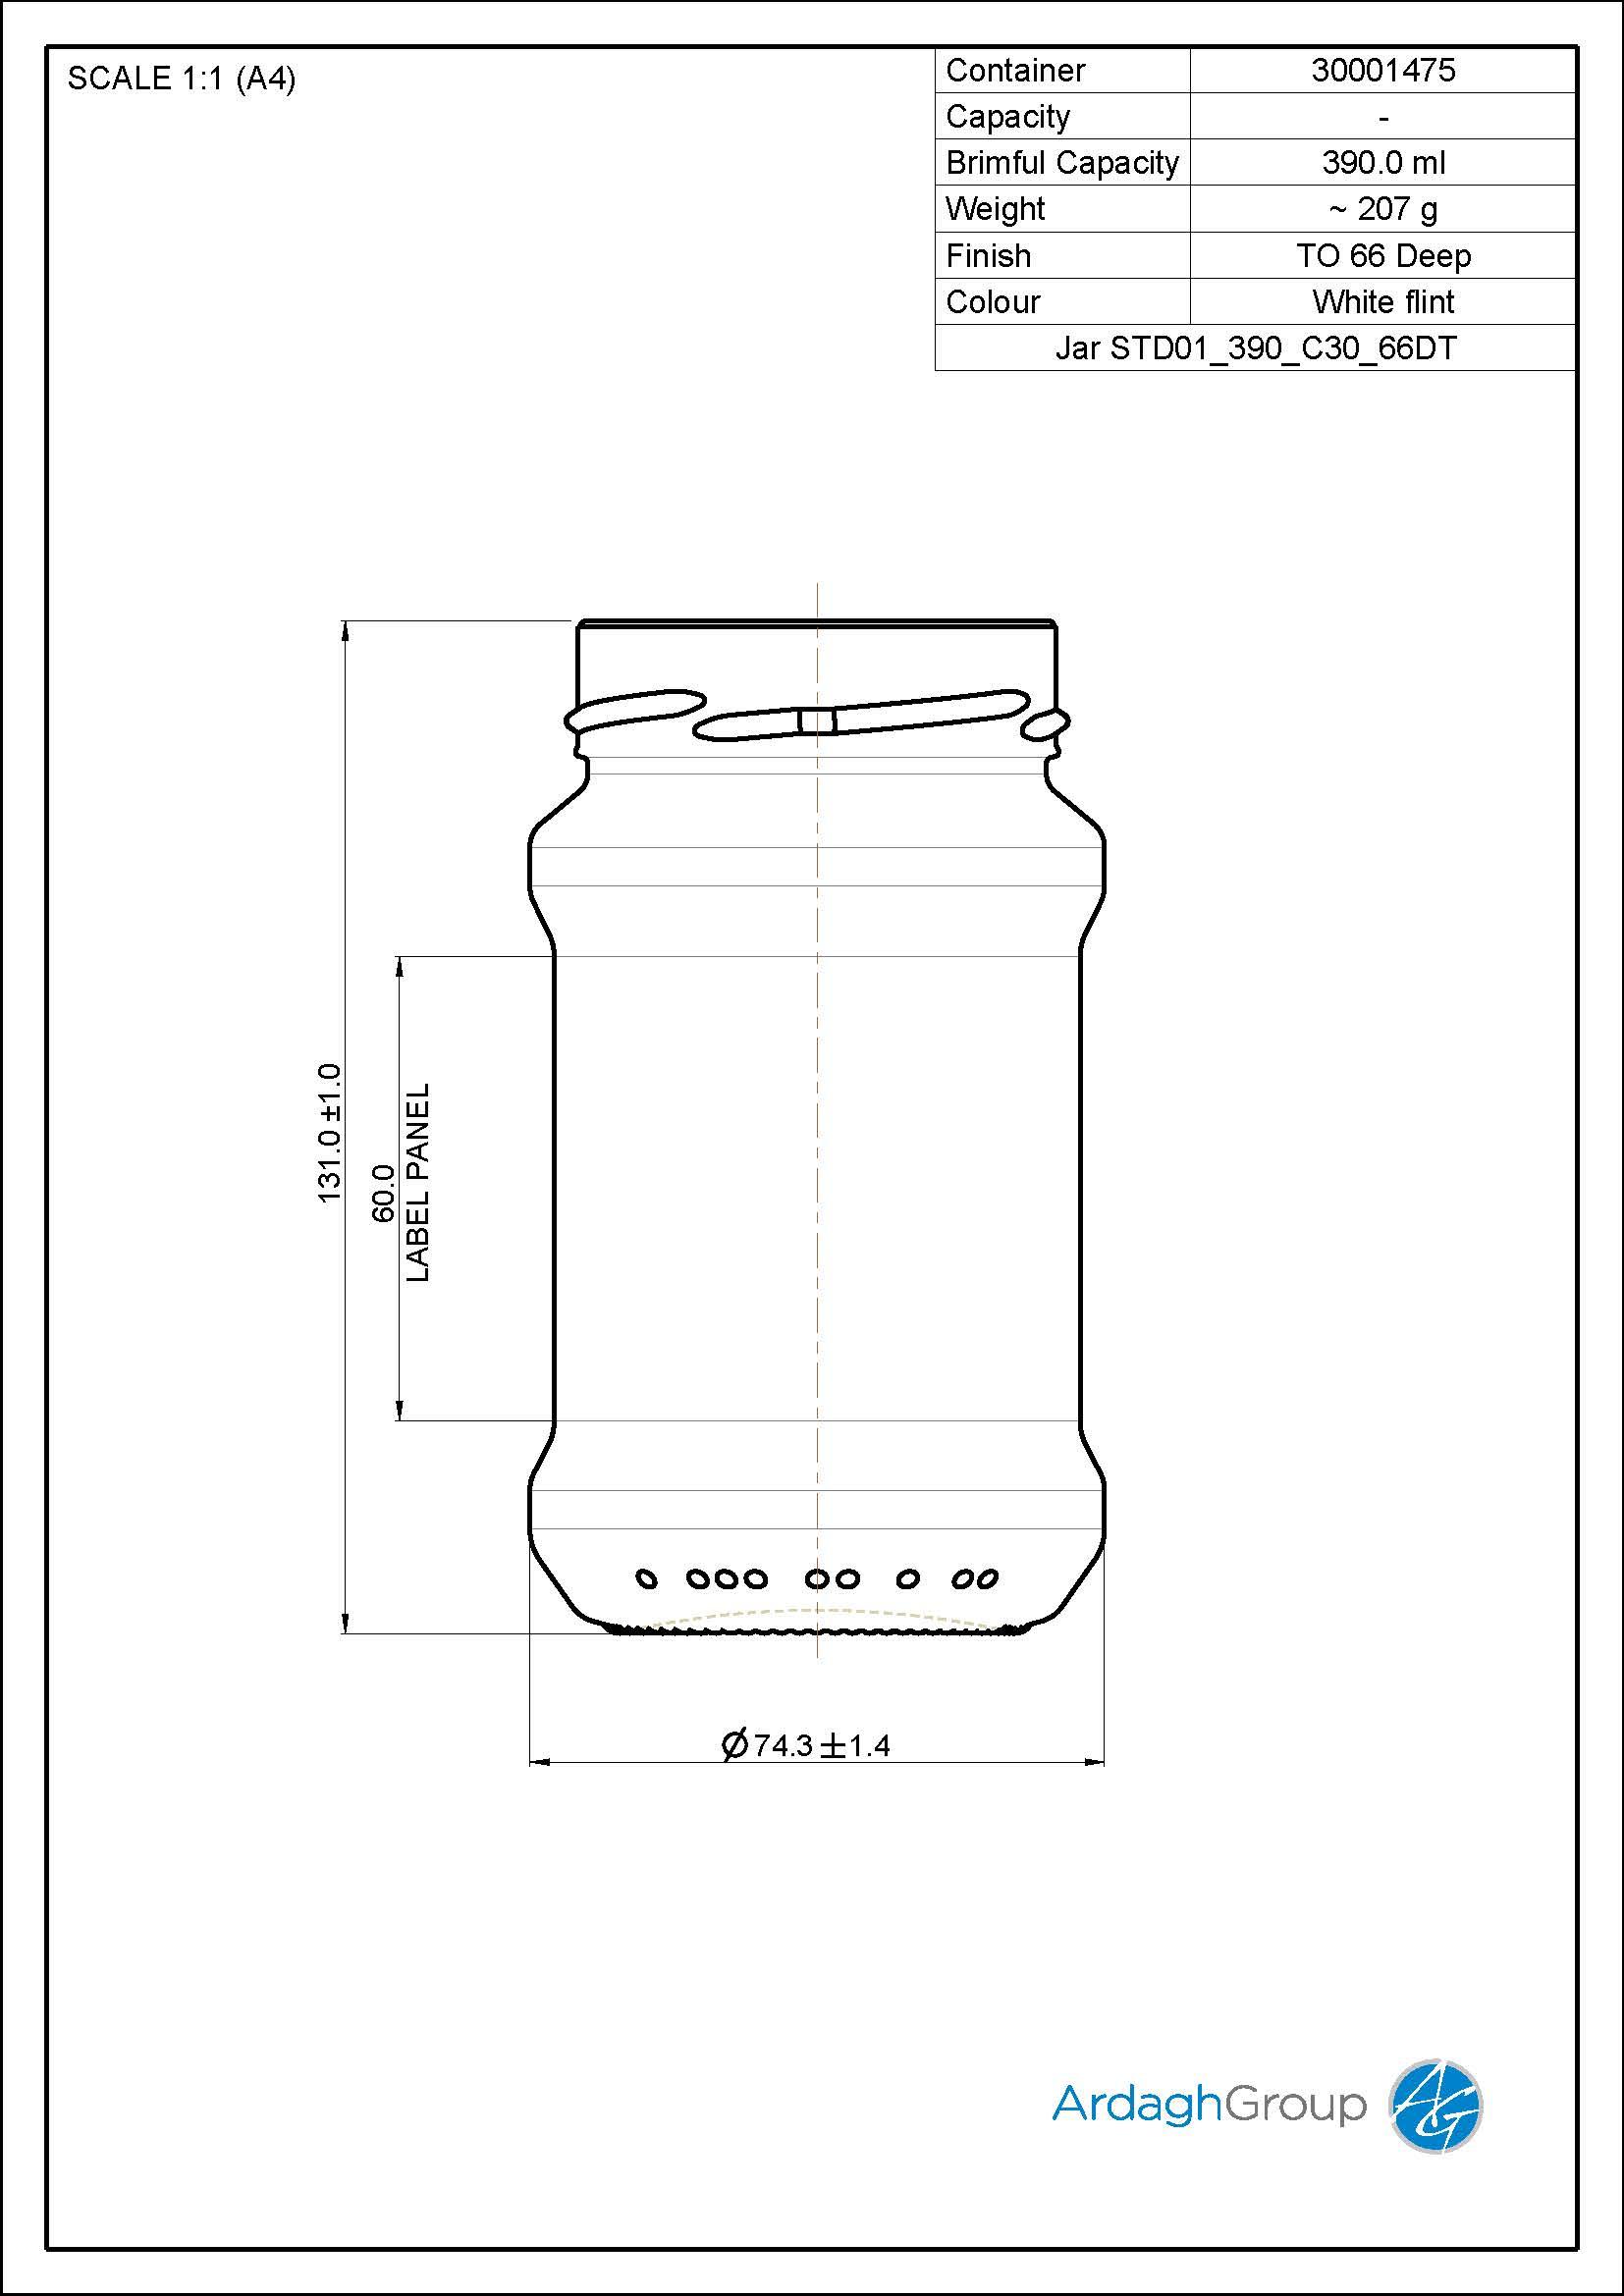 Jar STD01 390 C30 66DT